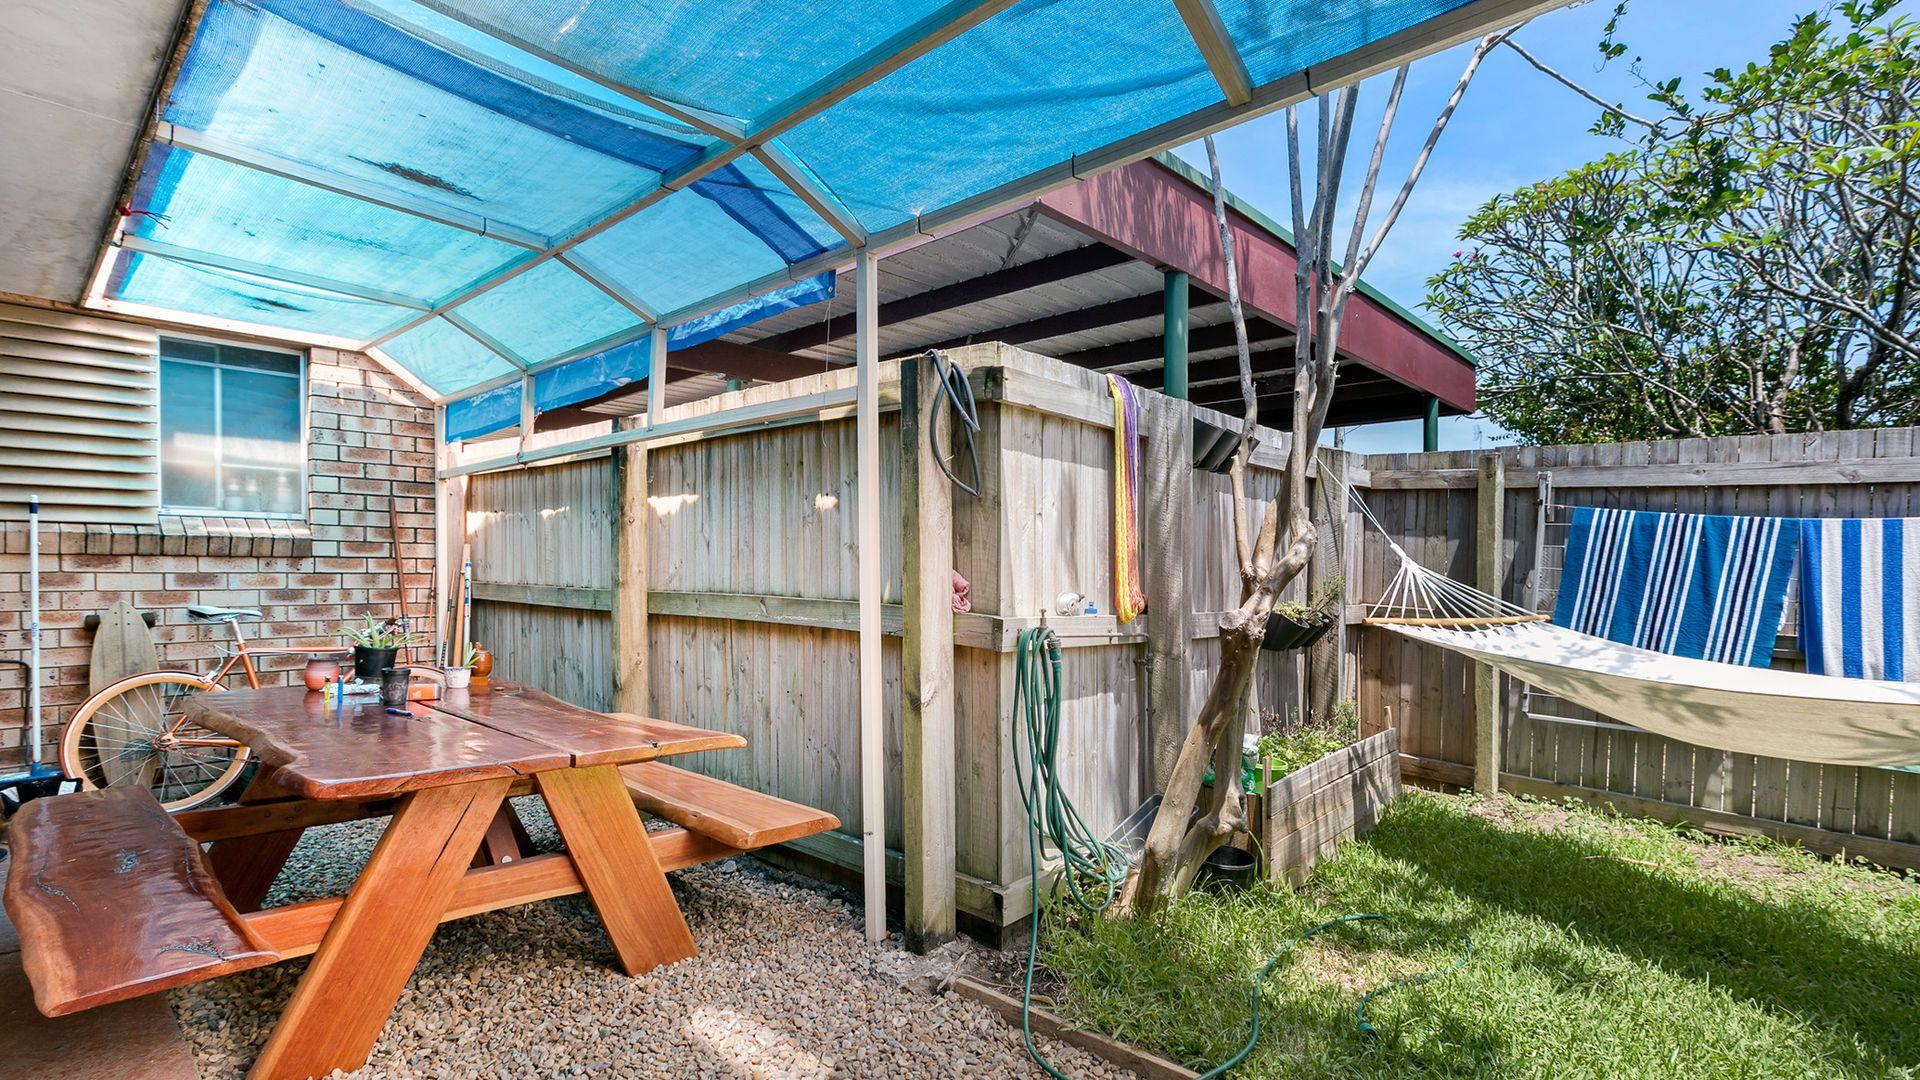 2/10 Goonawarra Drive, Mooloolaba QLD 4557, Image 1